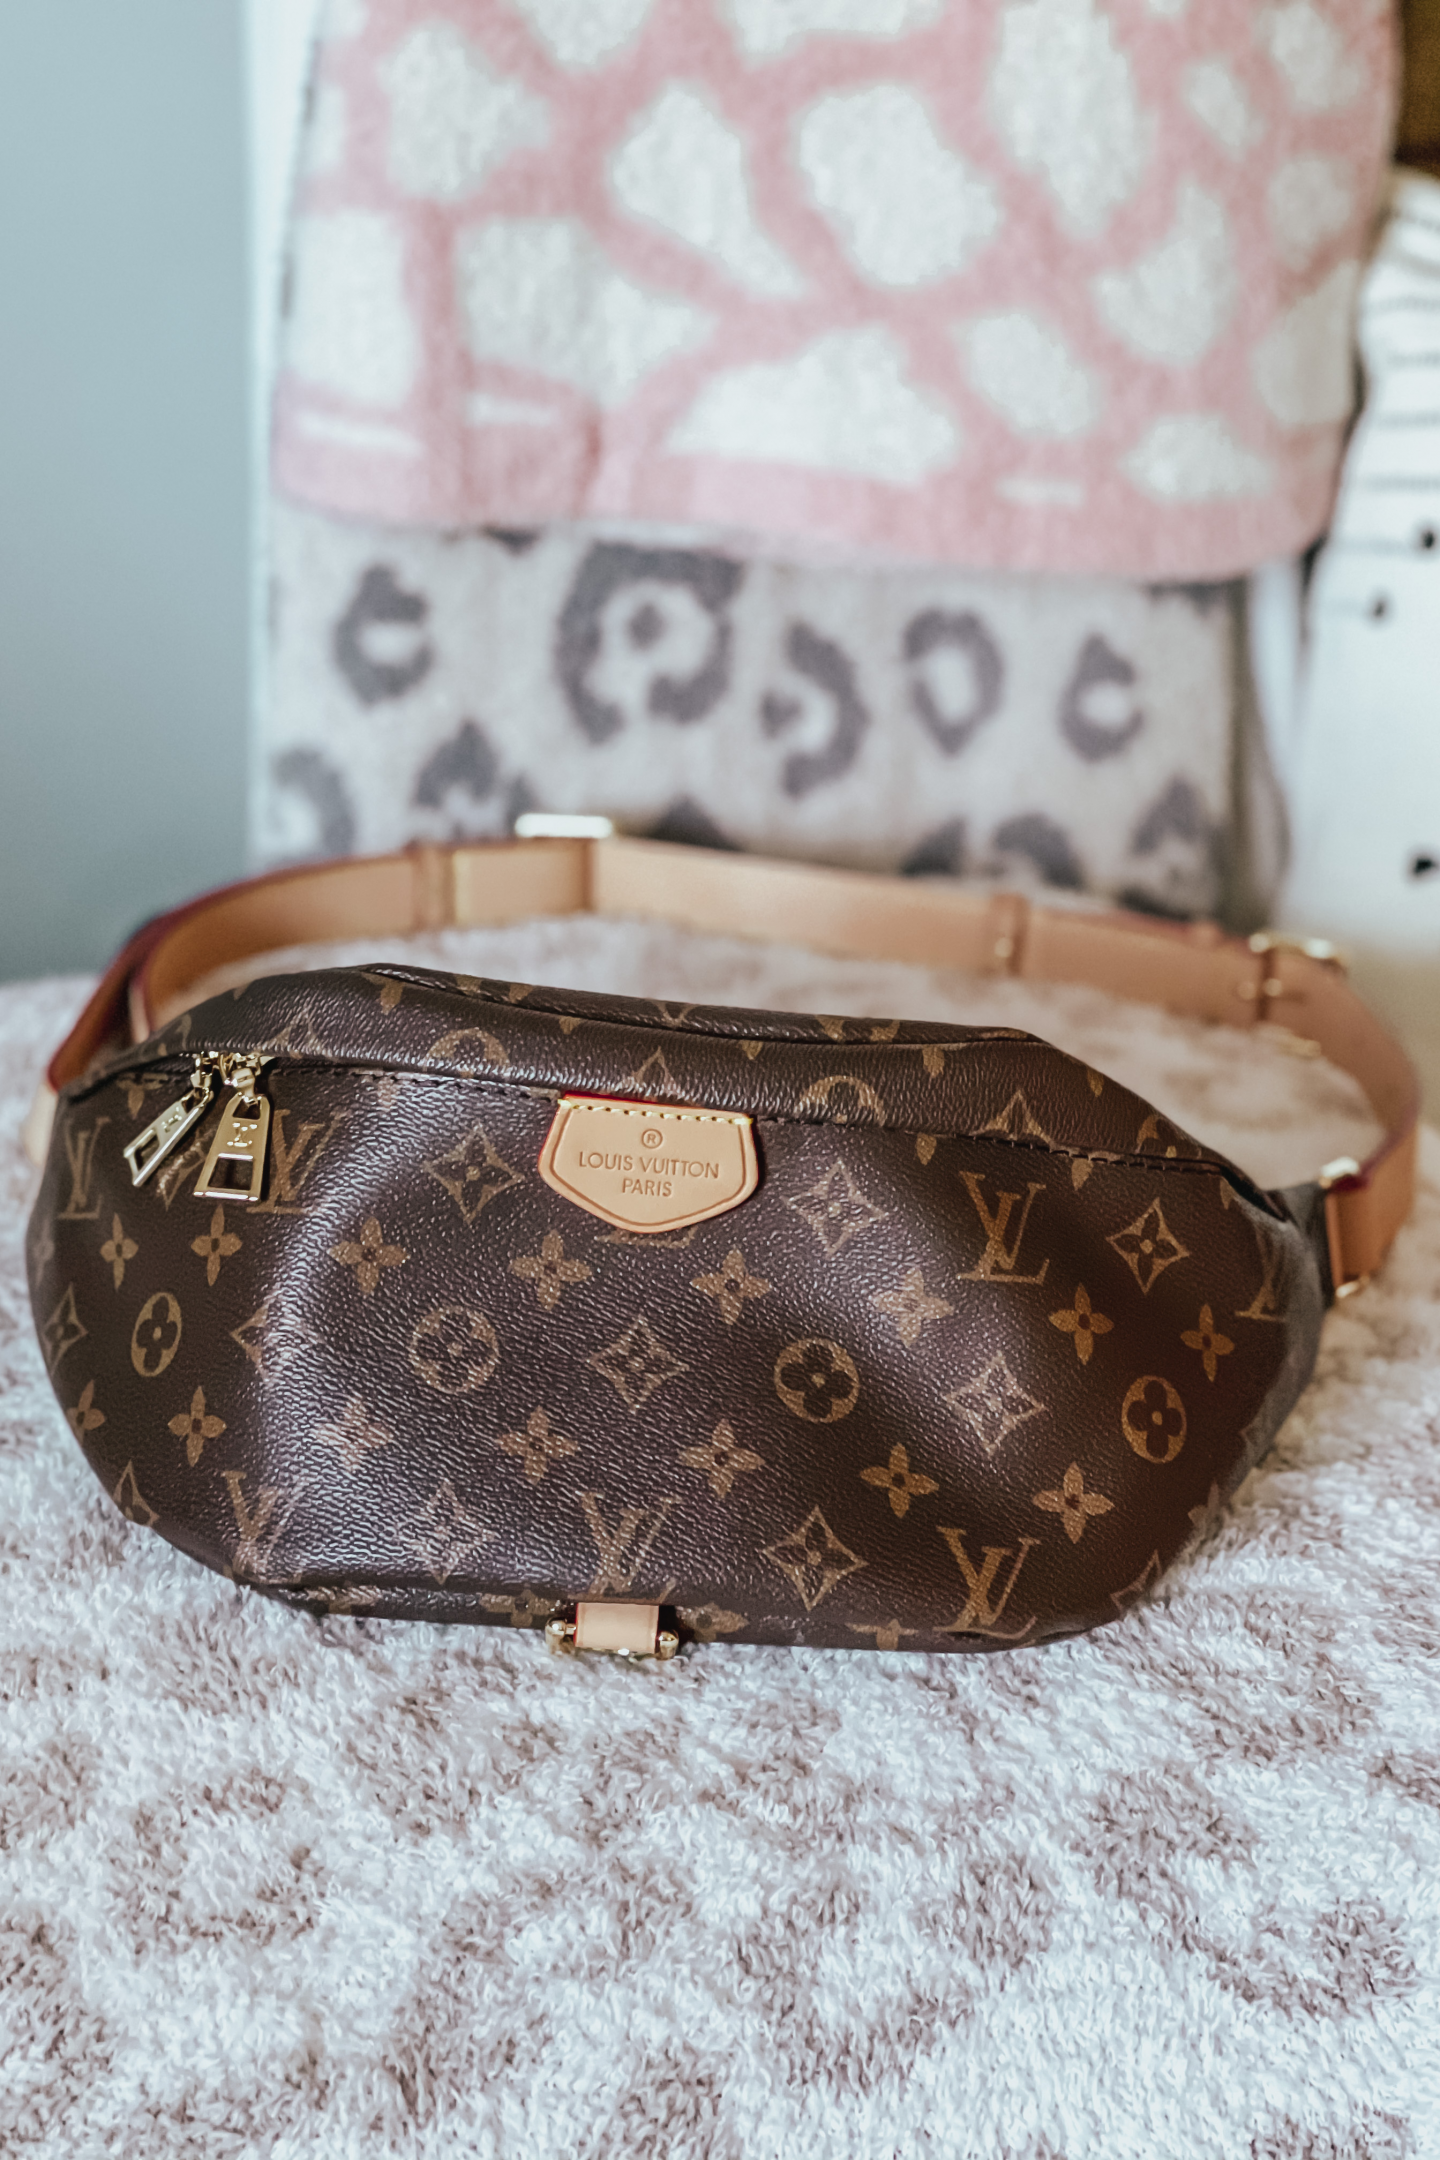 Louis Vuitton Bum Bag: Is It Worth It?